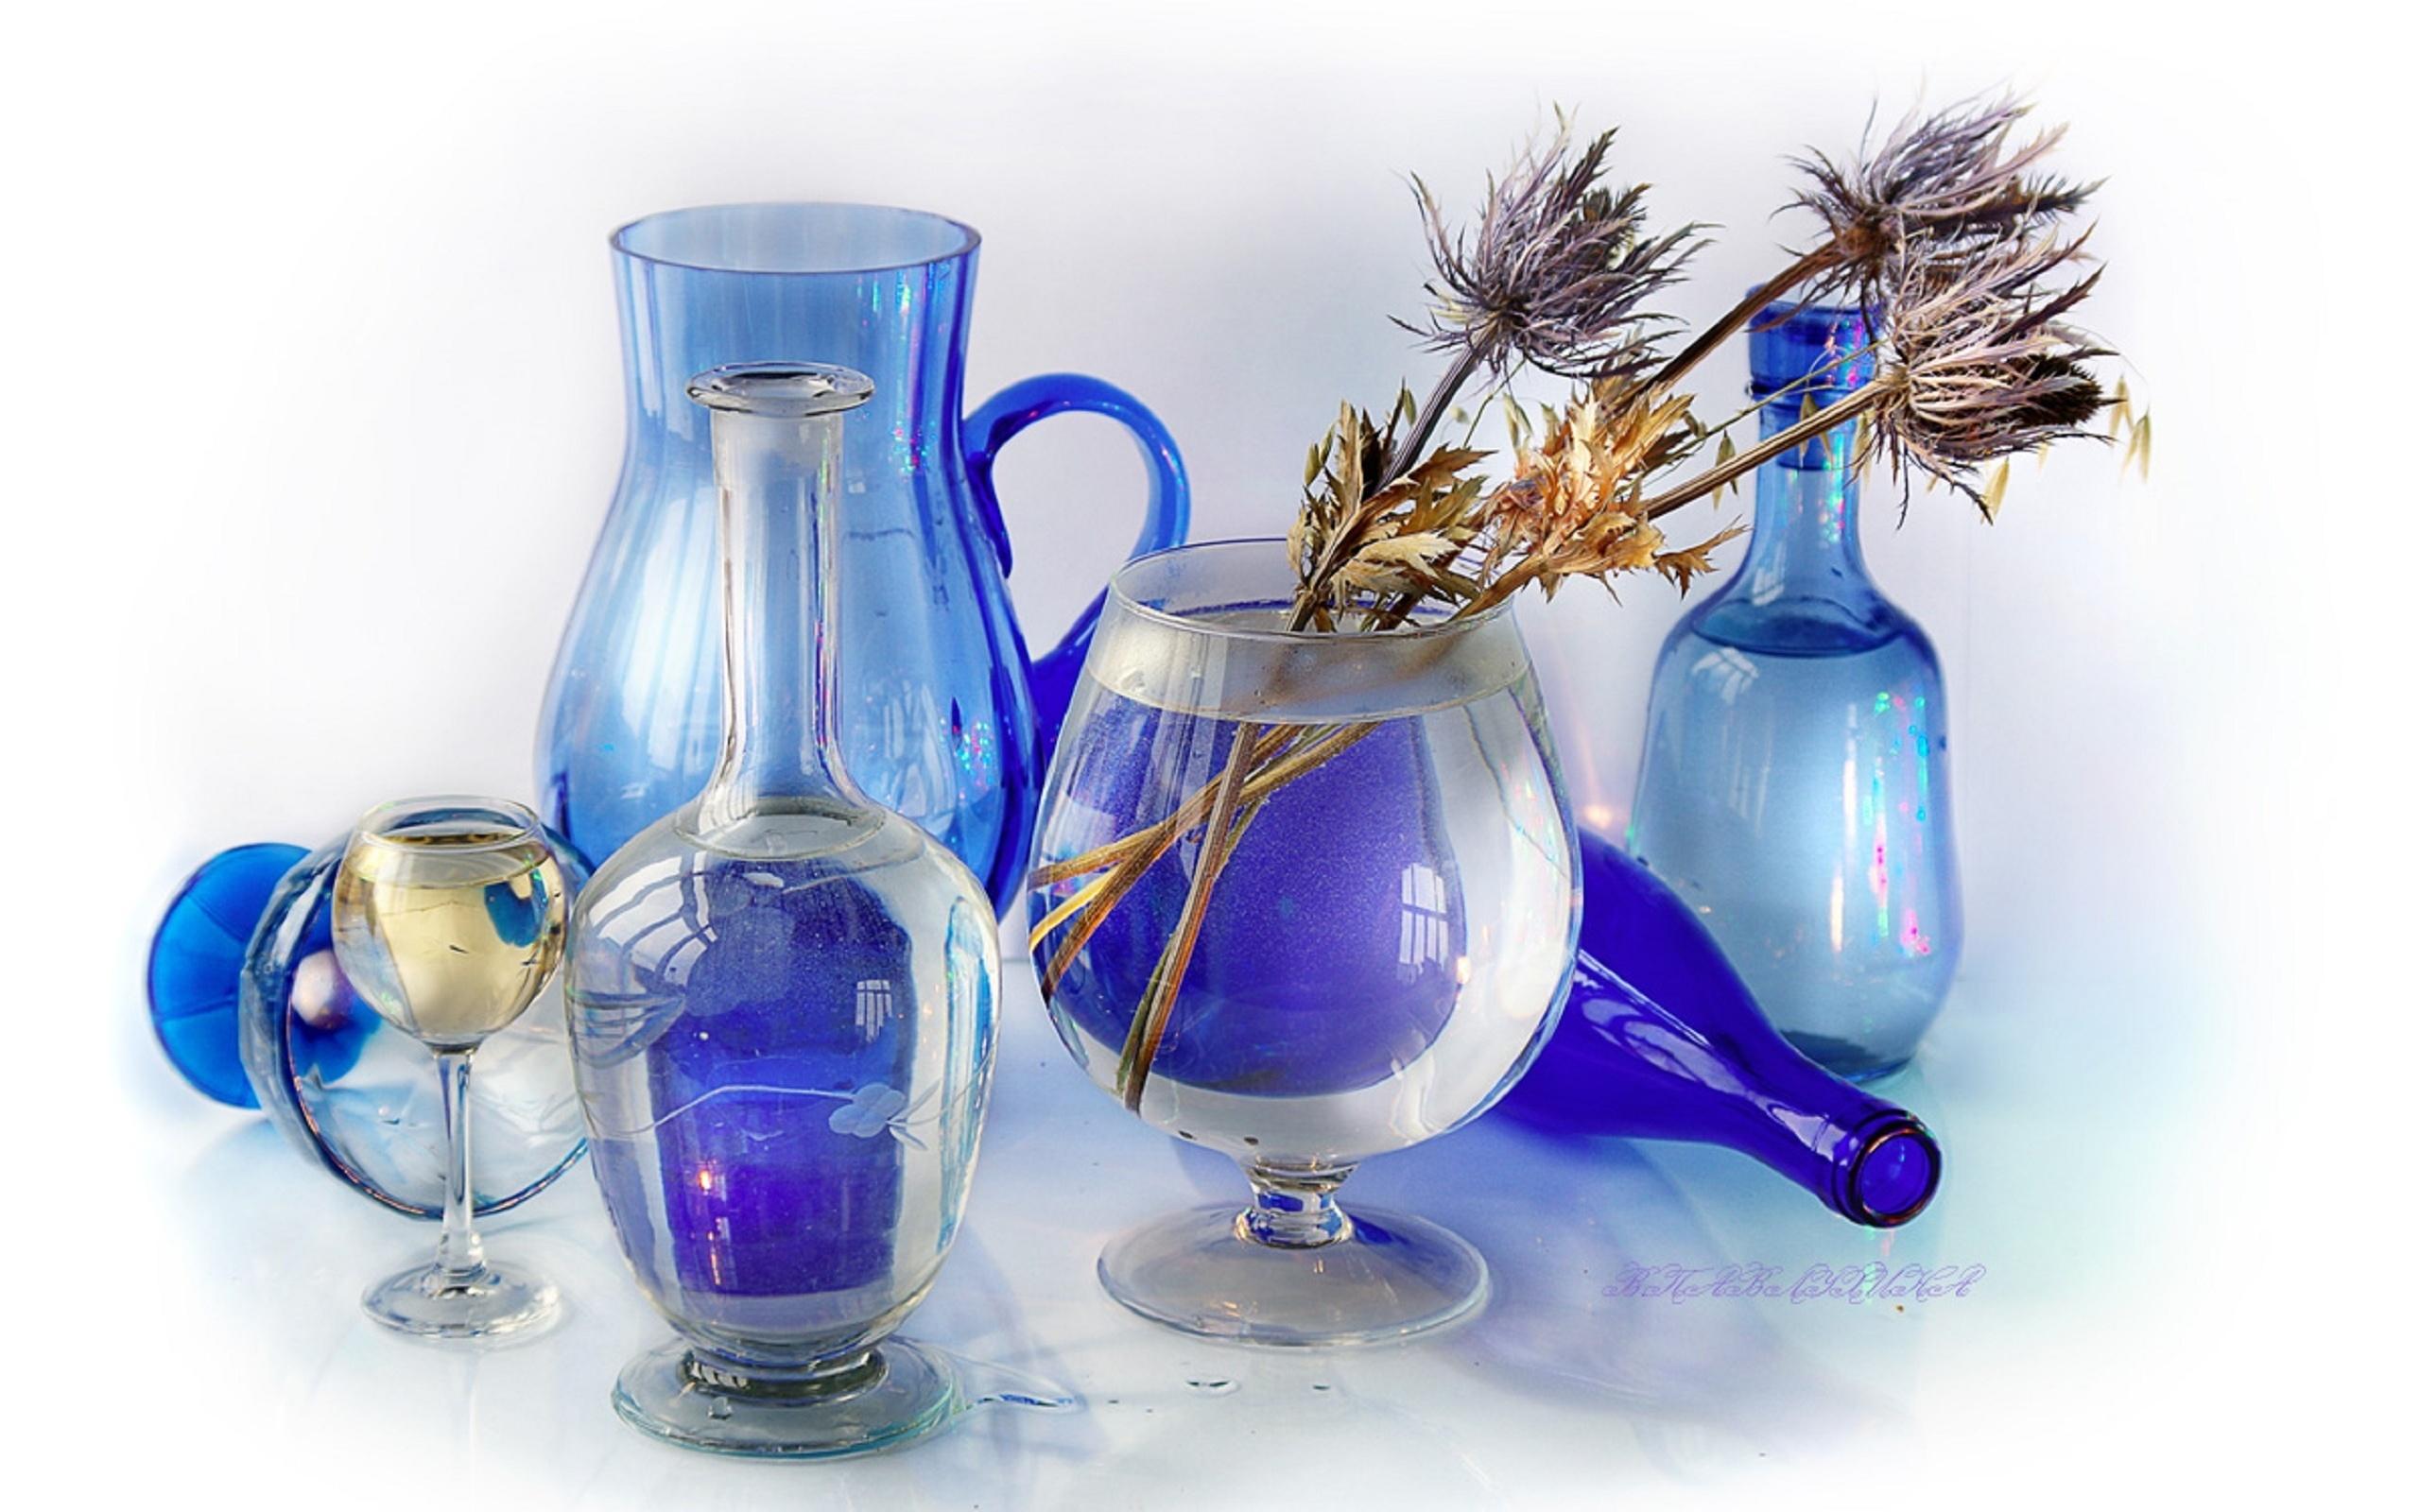 Картинки в голубом цвете с предметами